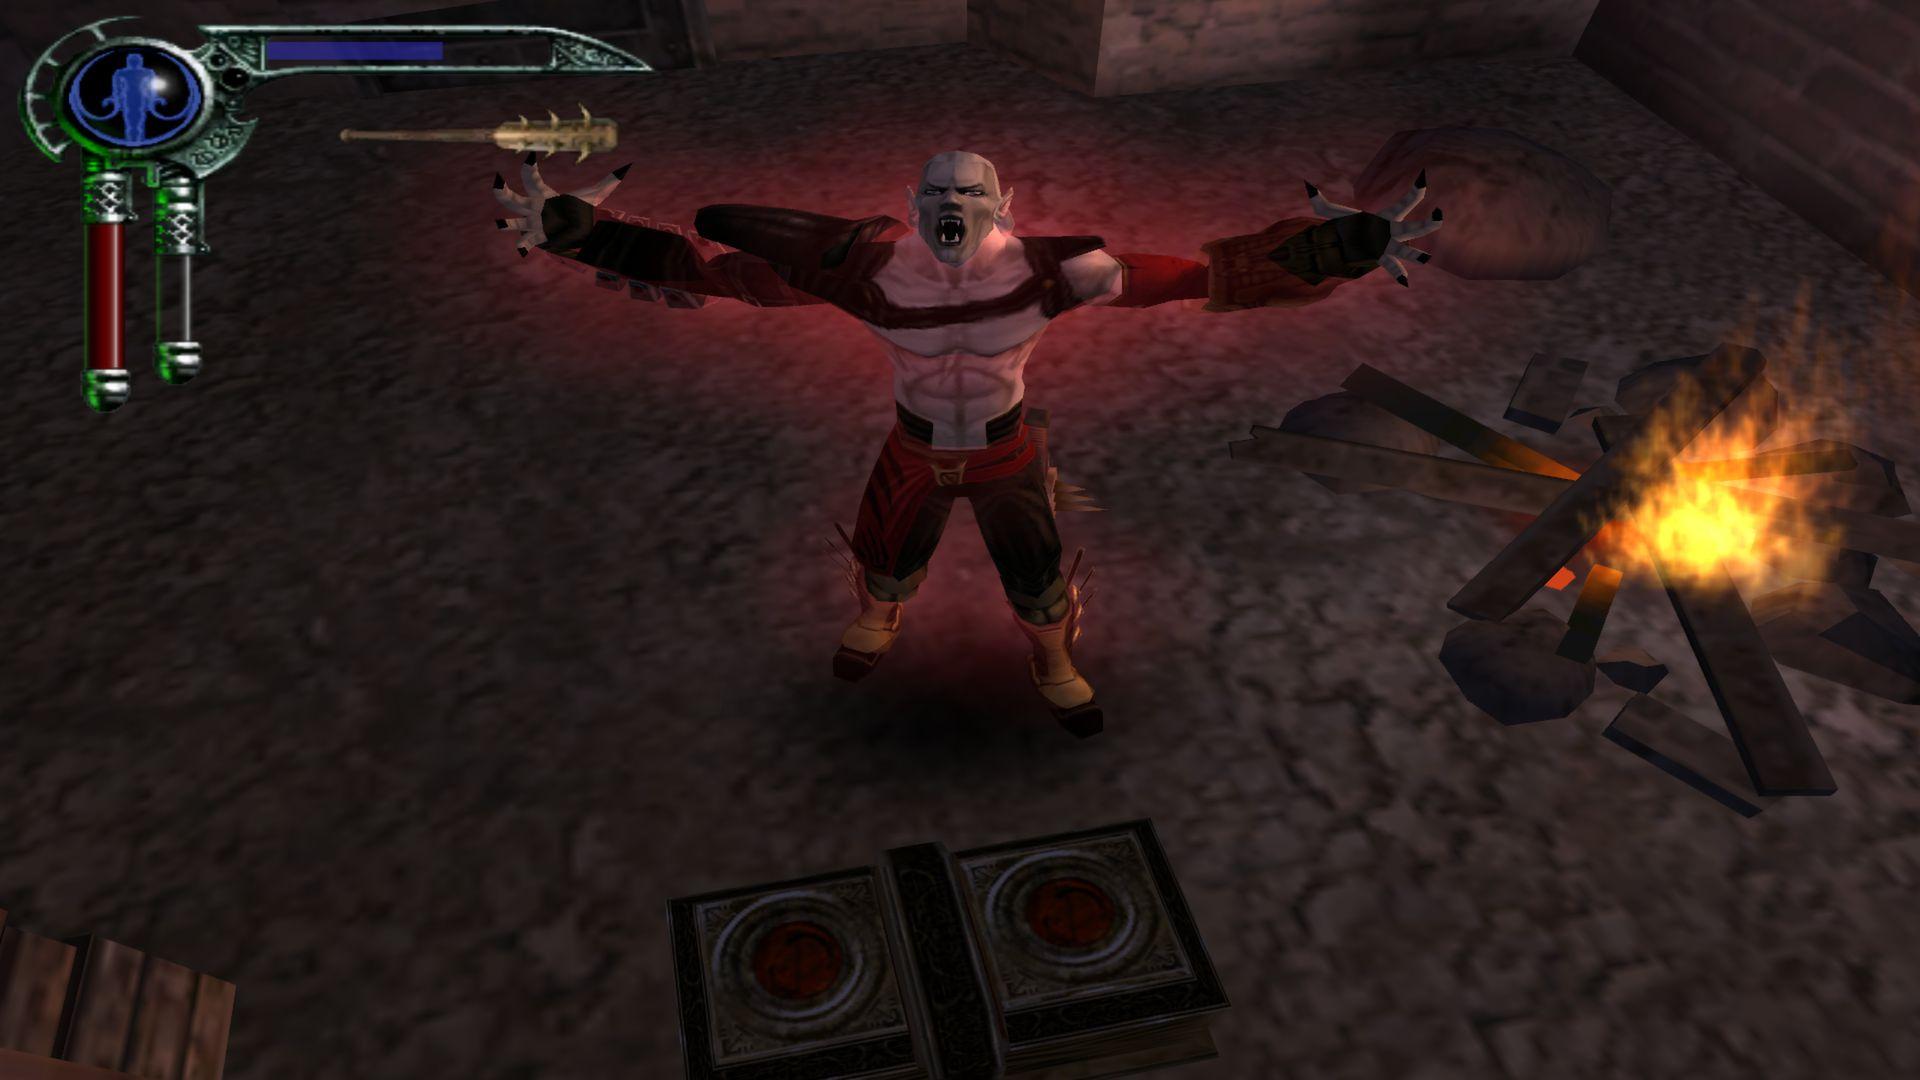 Legacy of Kain: Blood Omen 2 screenshot 1